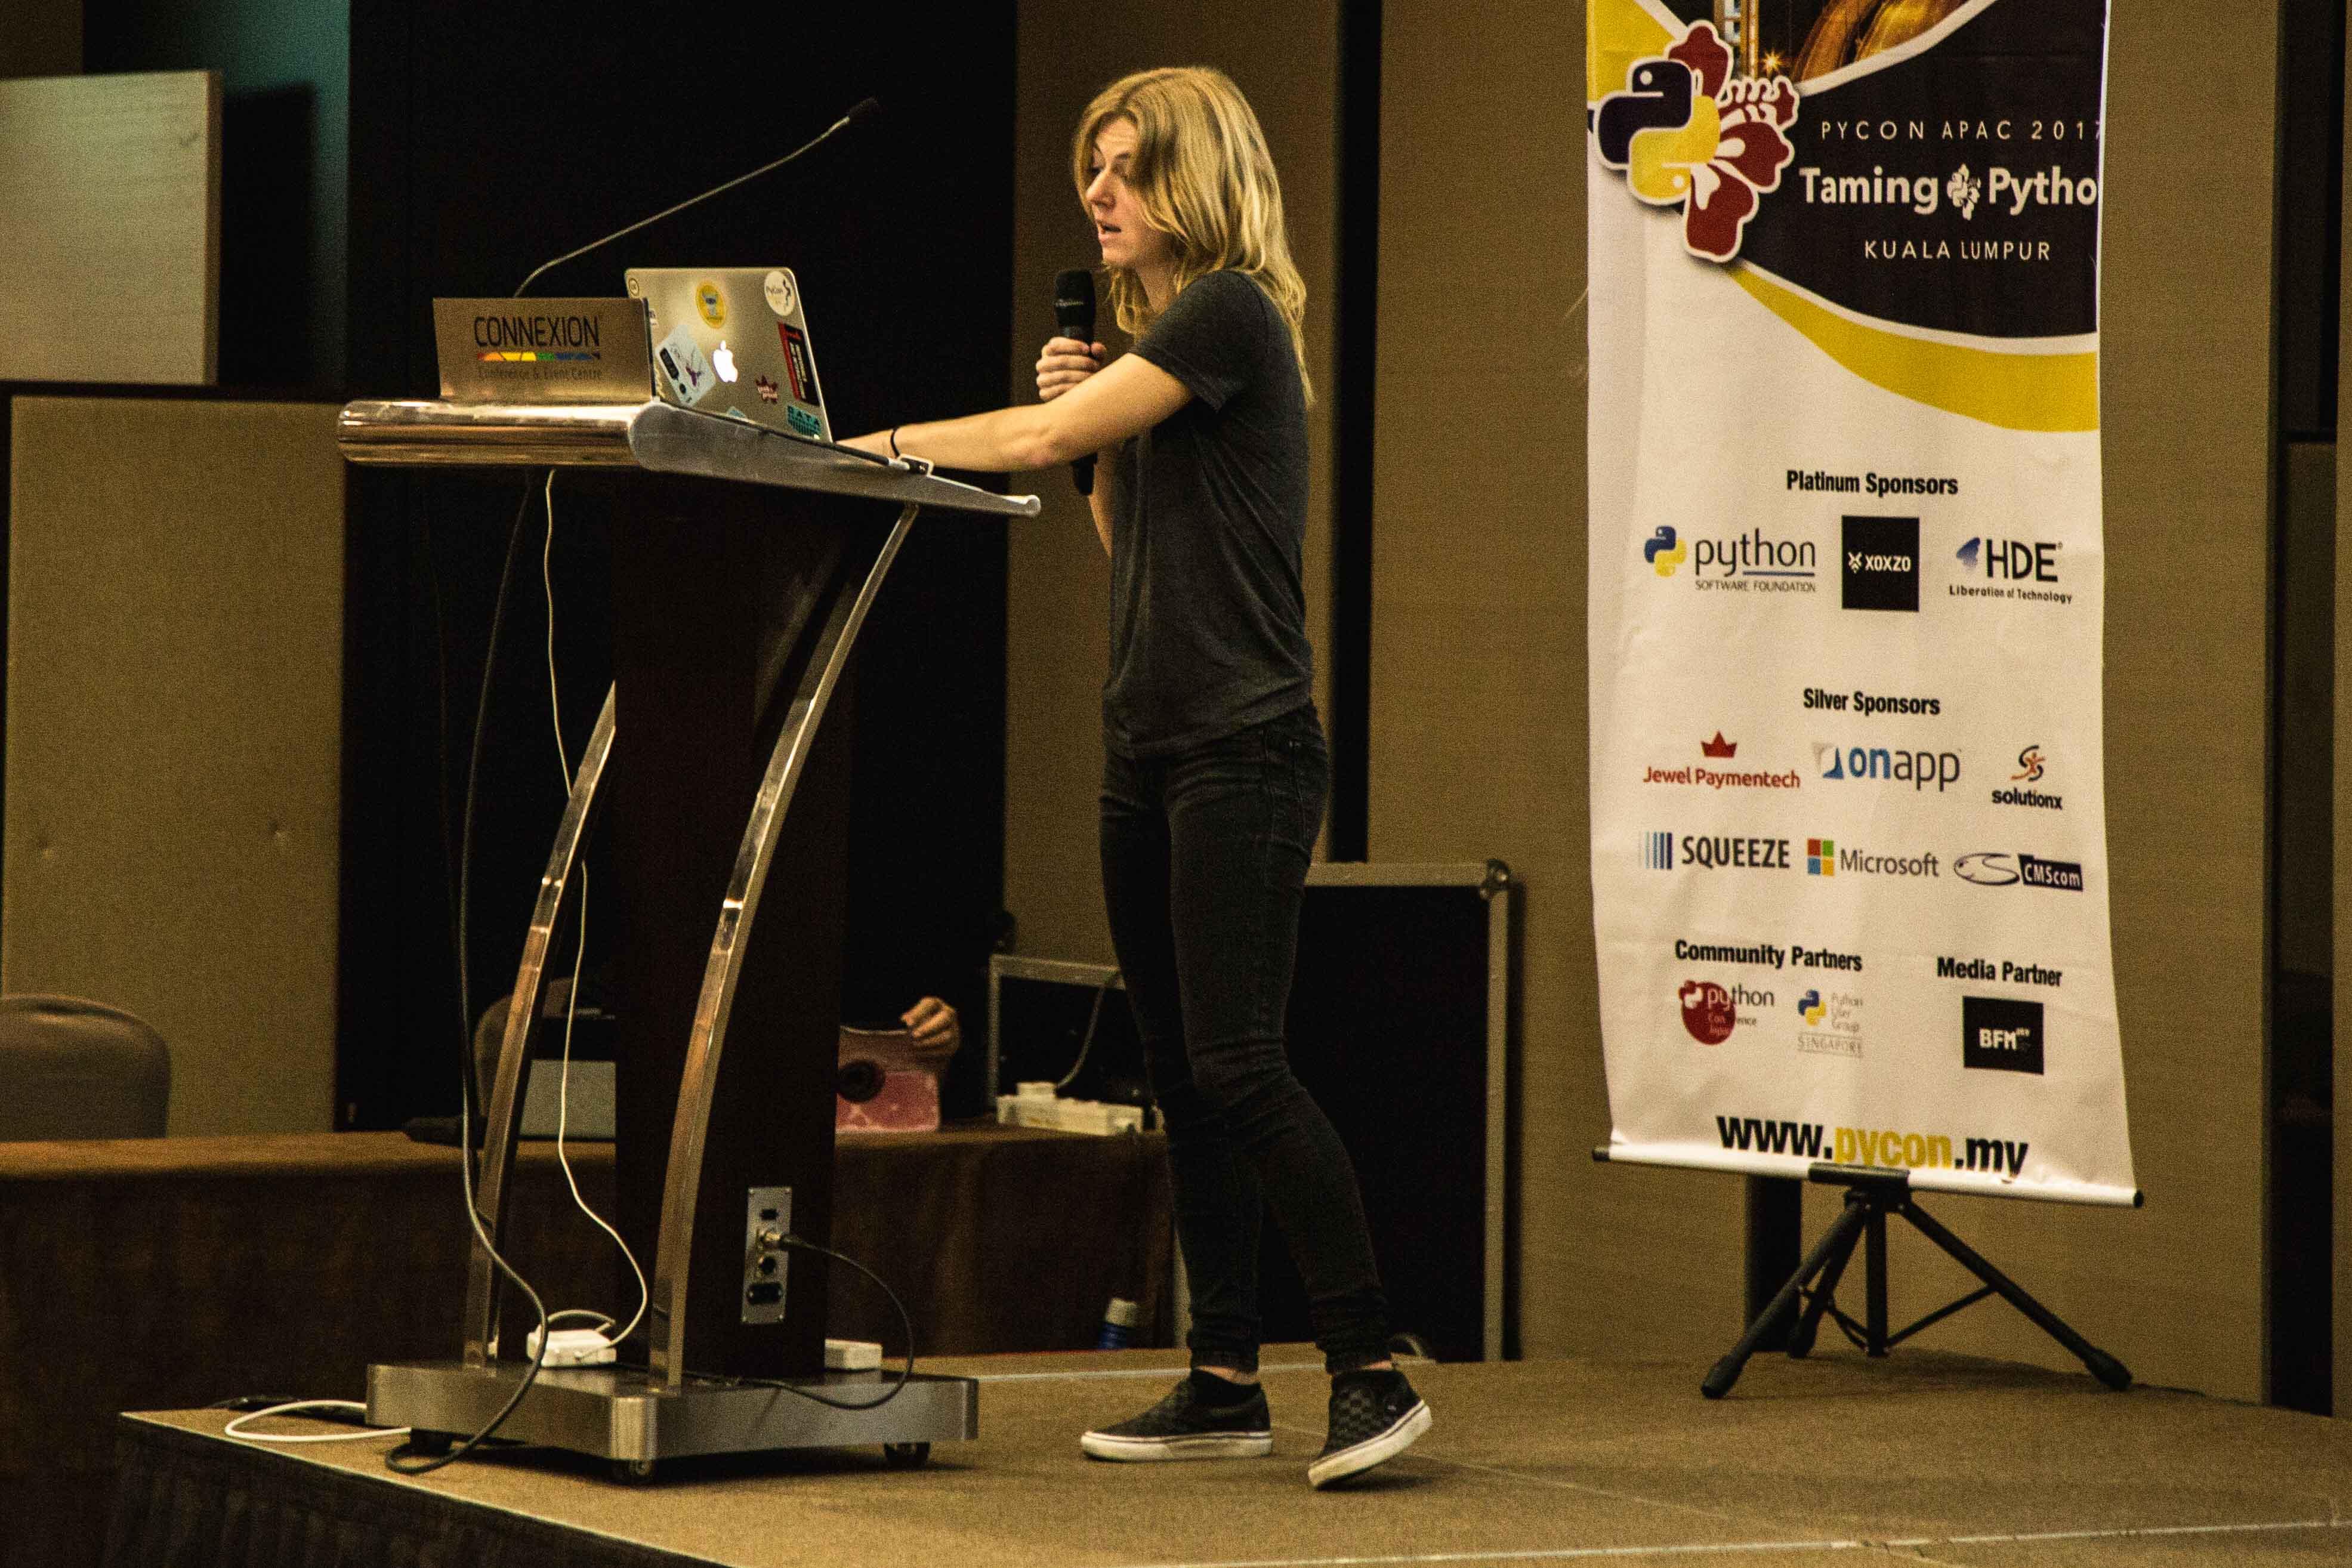 PyCon APAC 2017 XOXZO Keynote